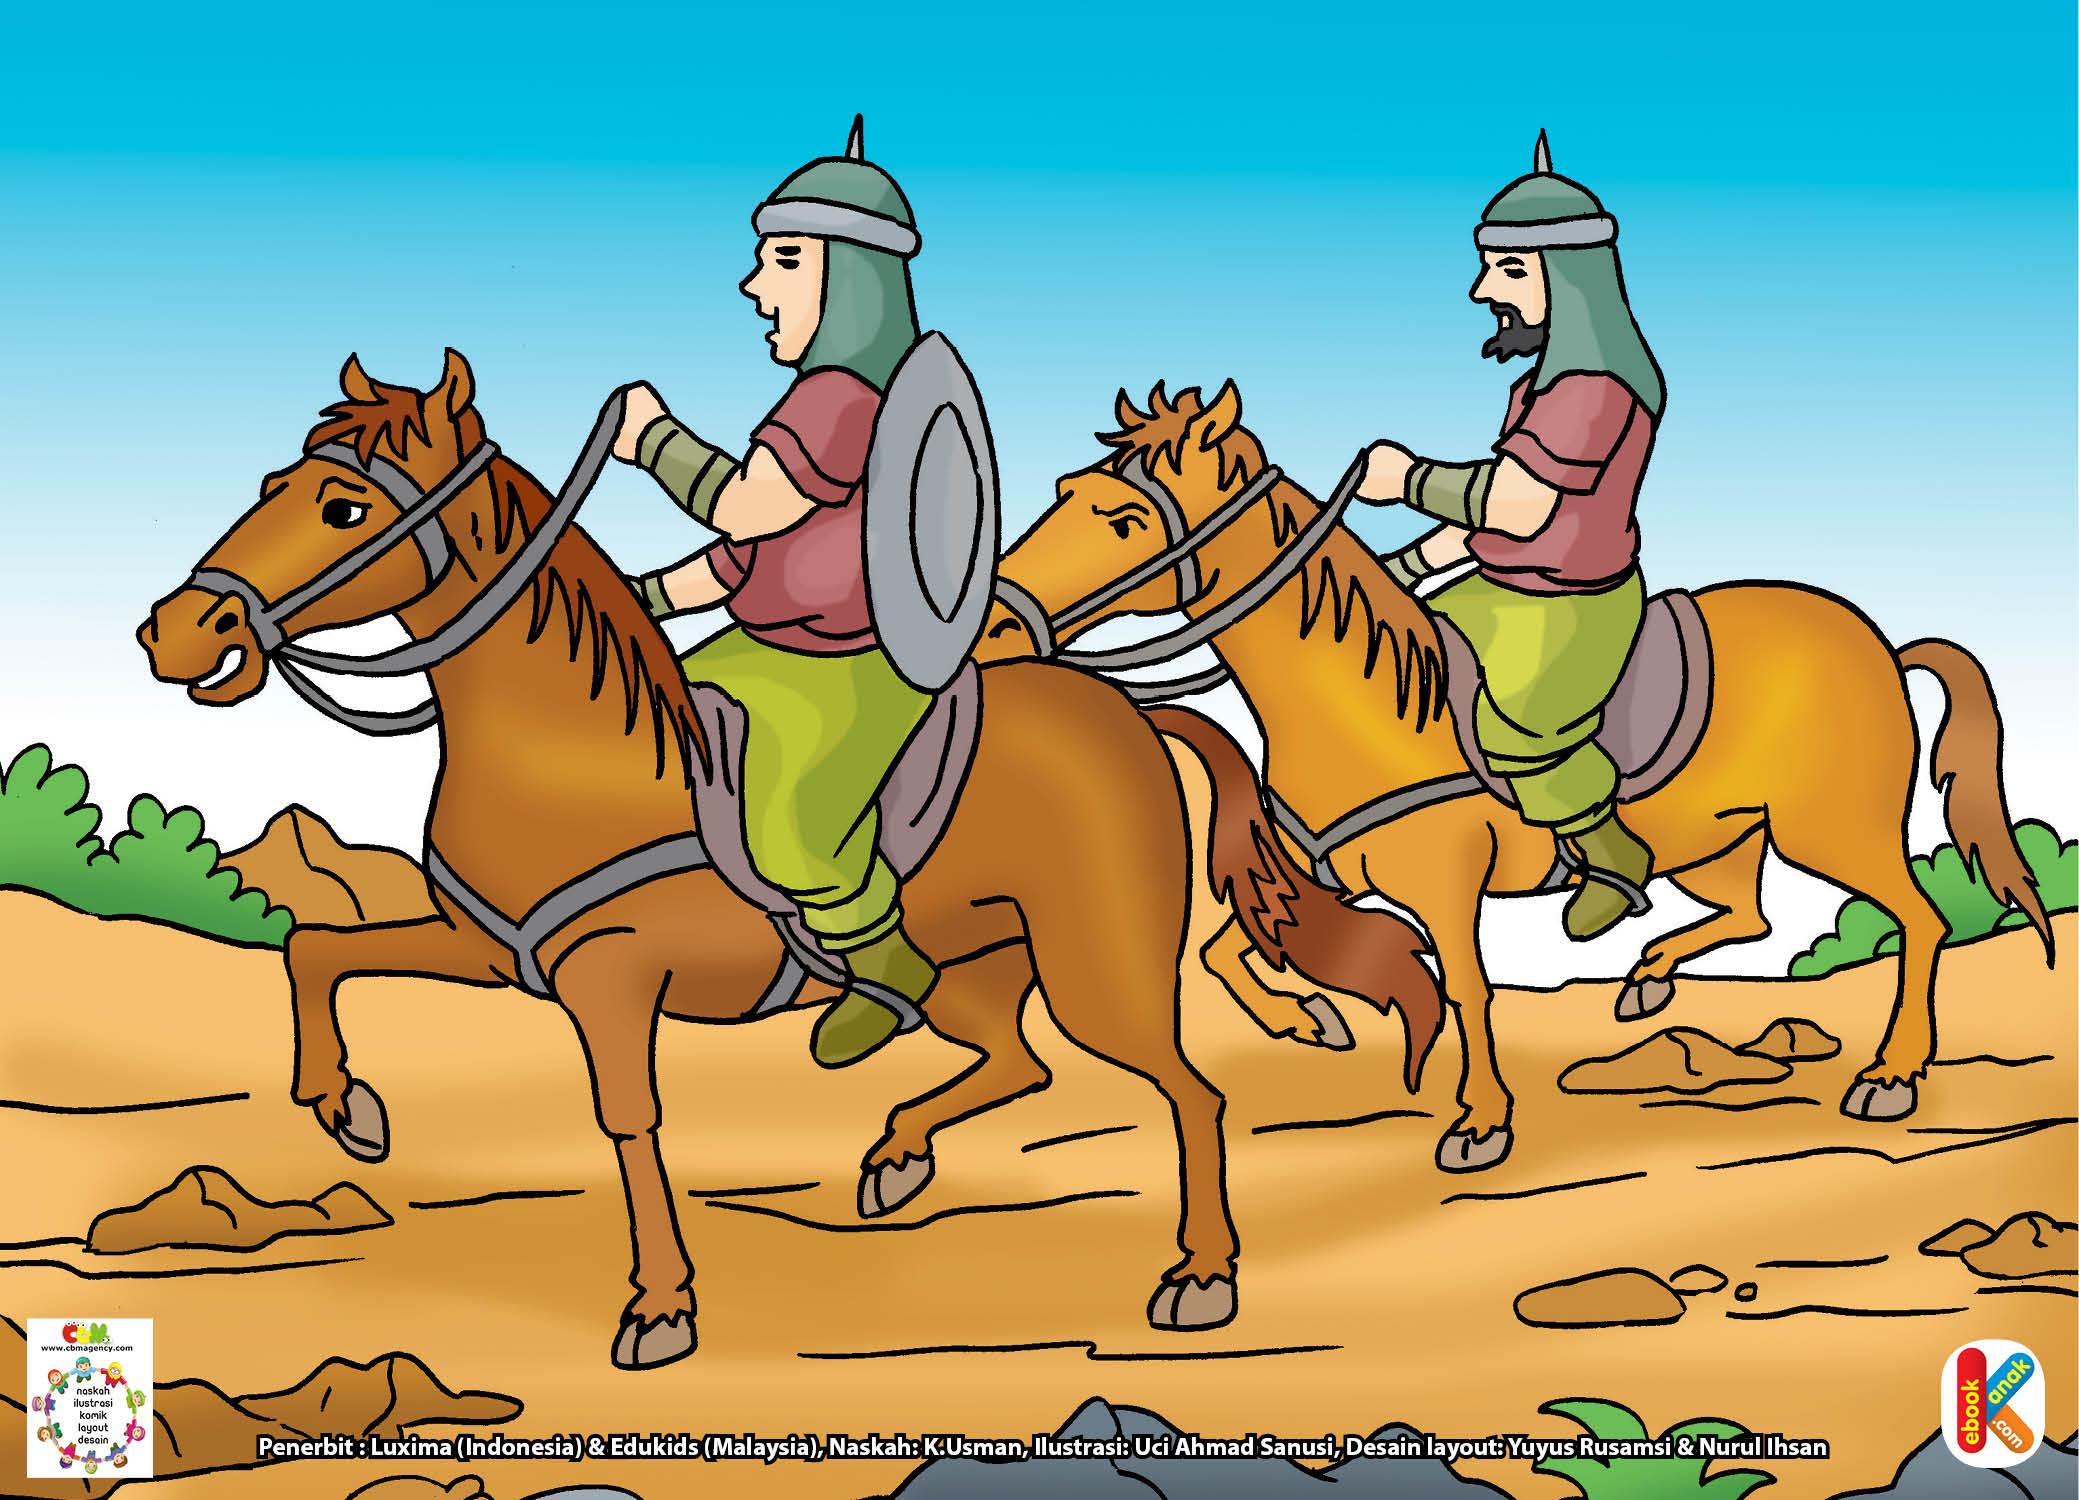 Ketika Rasulullah wafat, hubungan kedua kaum itu sempat retak.